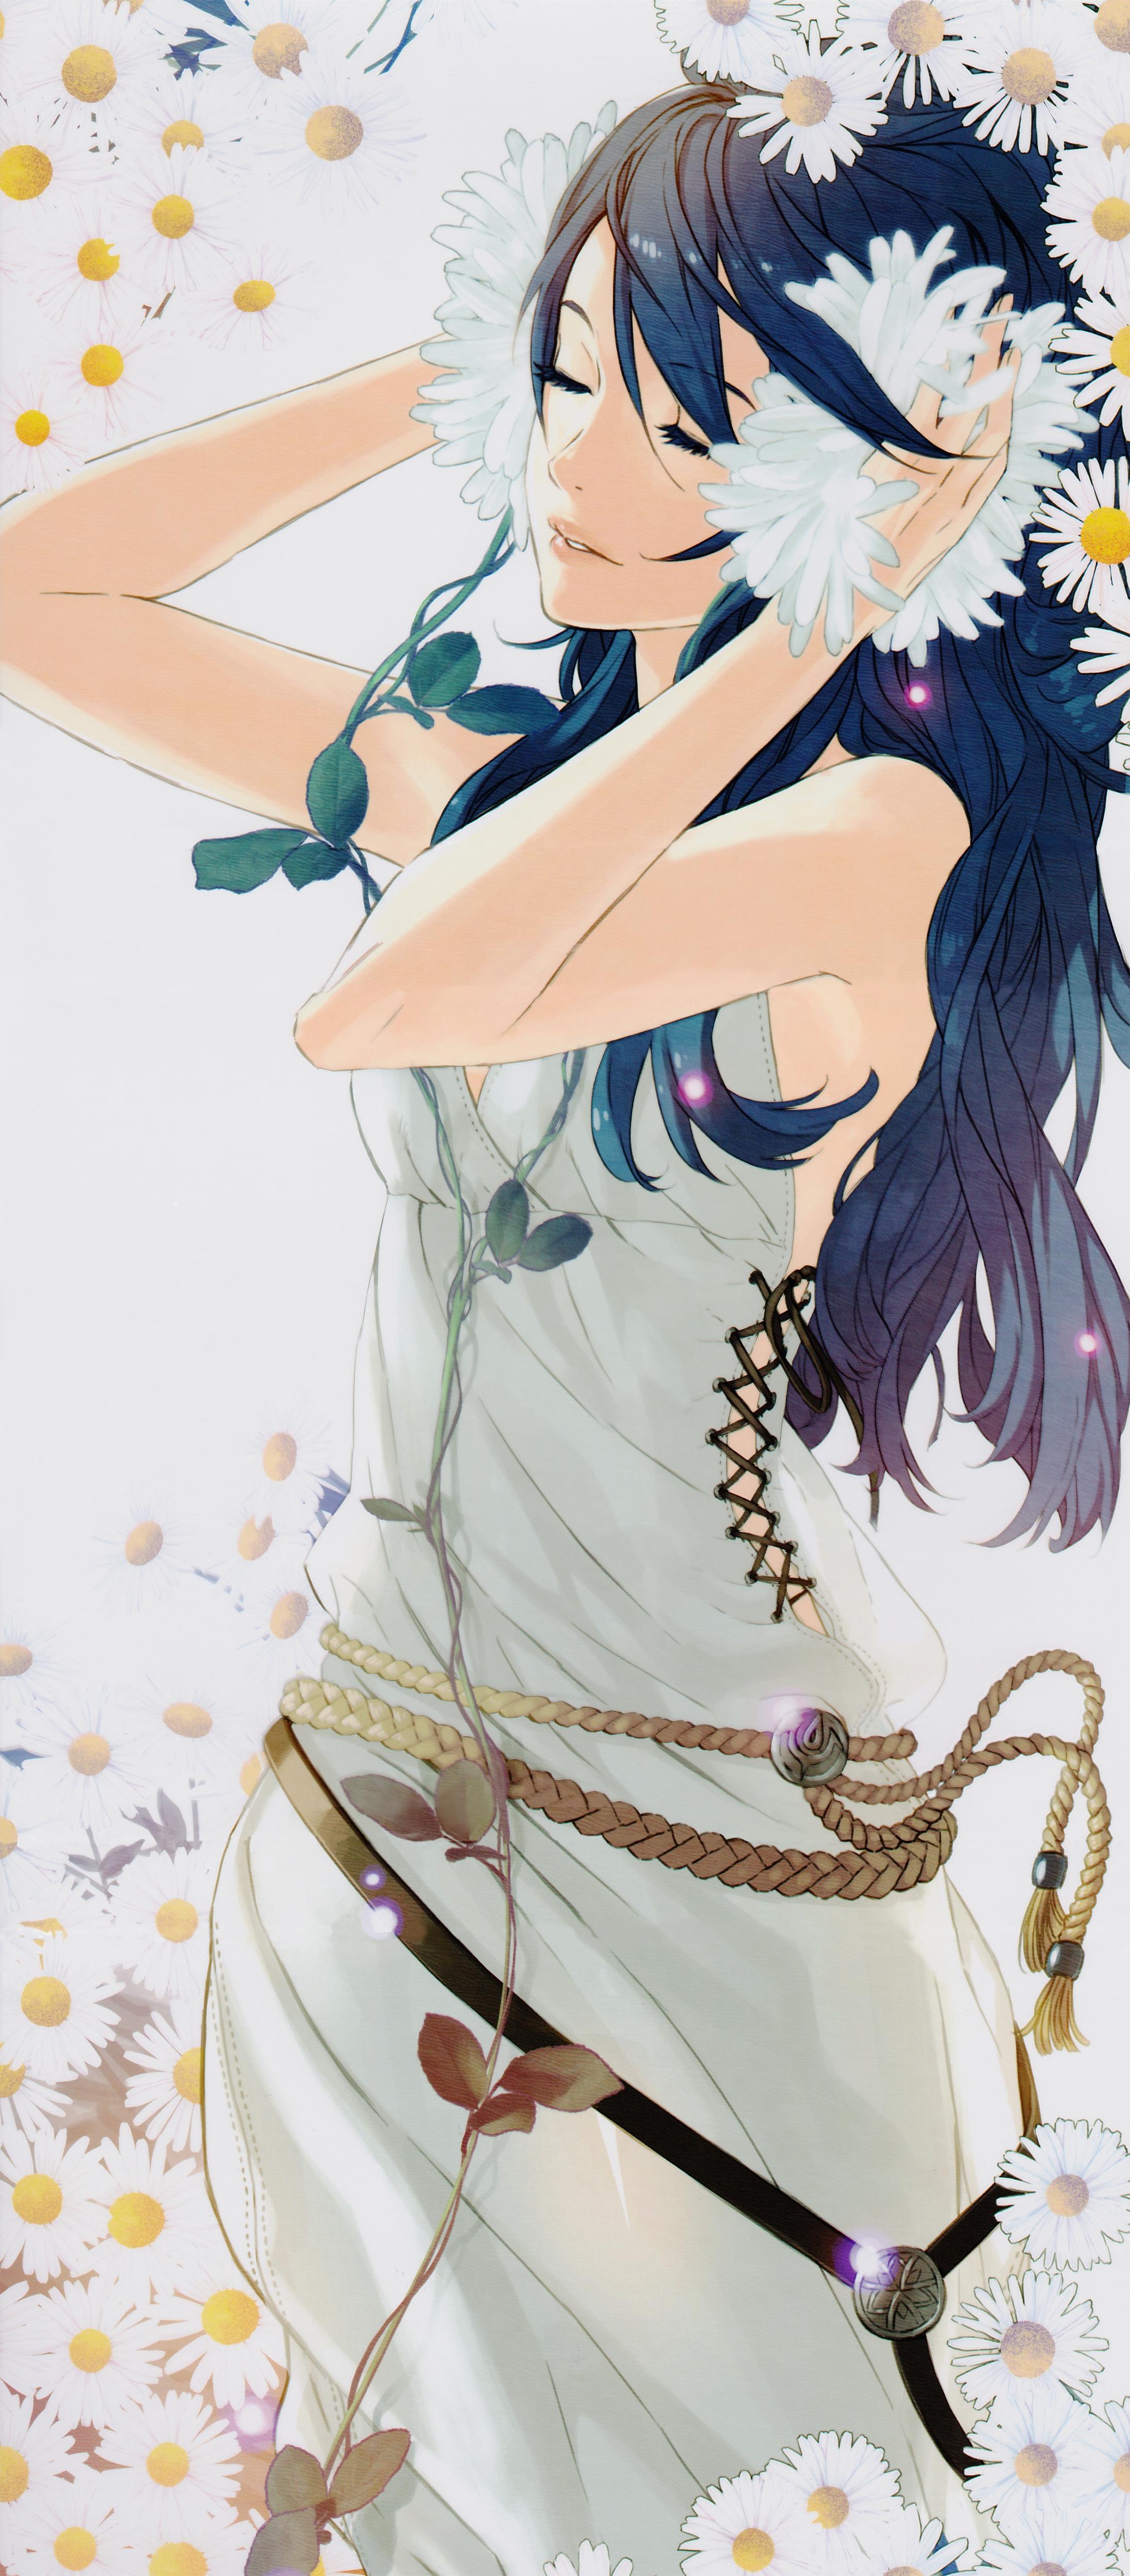 daisy (flower) - zerochan anime image board